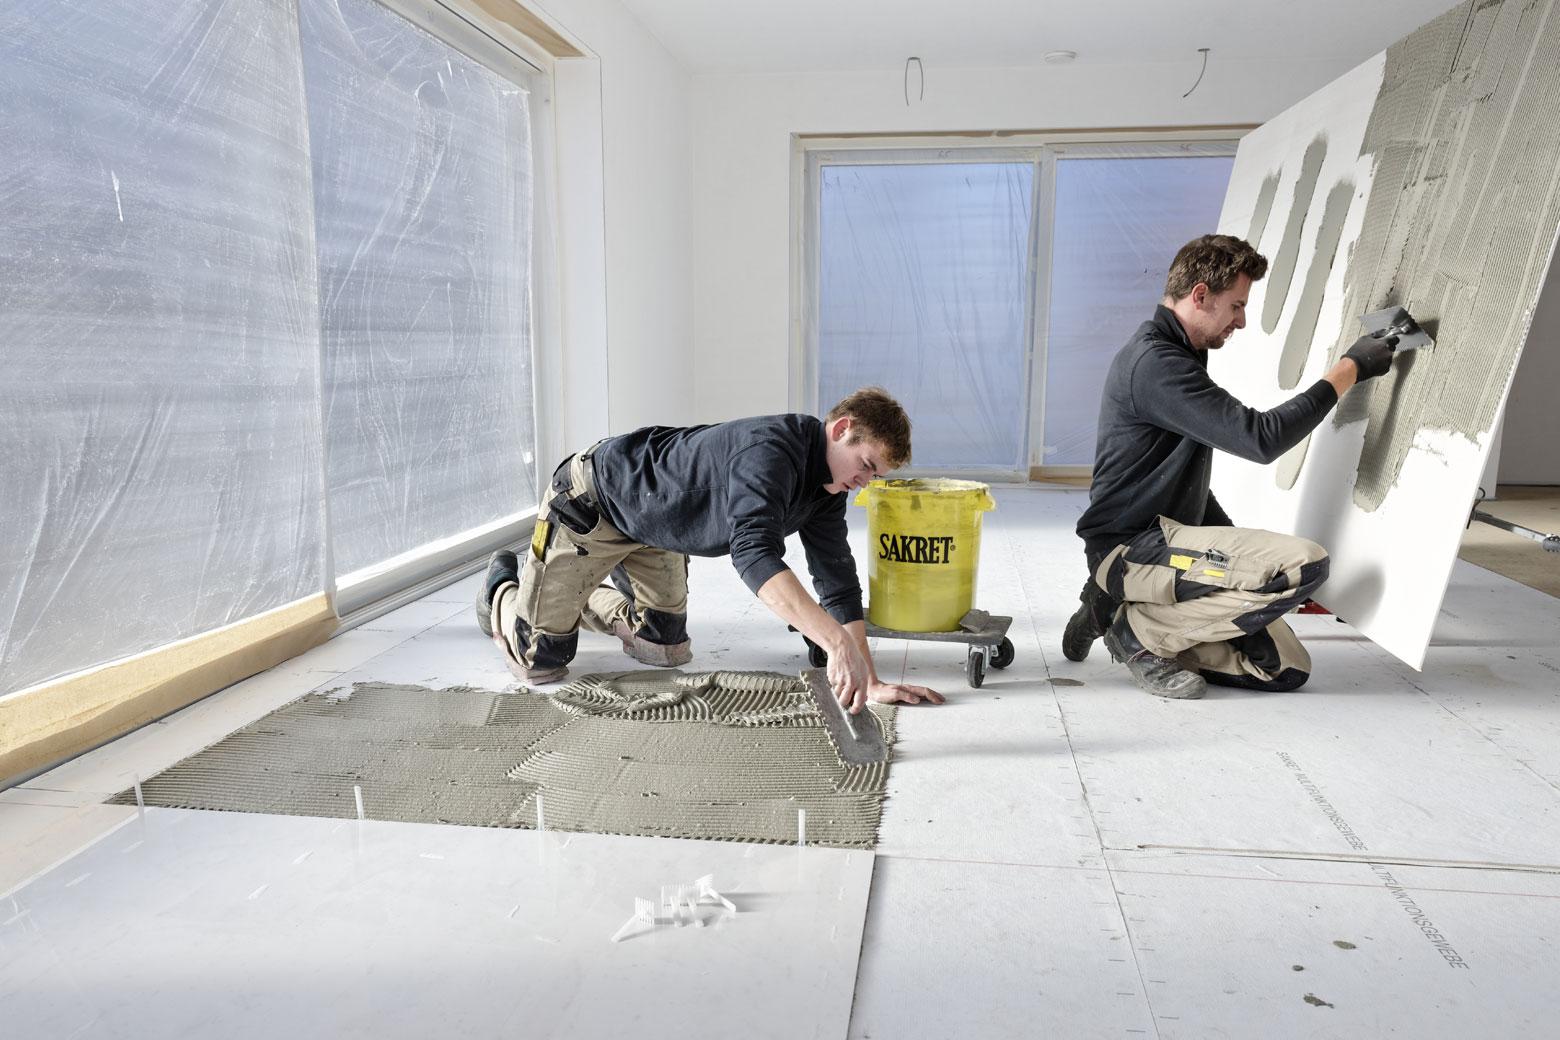 Fliesenkleber wird auf Großformat Fliesen und Boden im Wohnzimmer aufgetragen